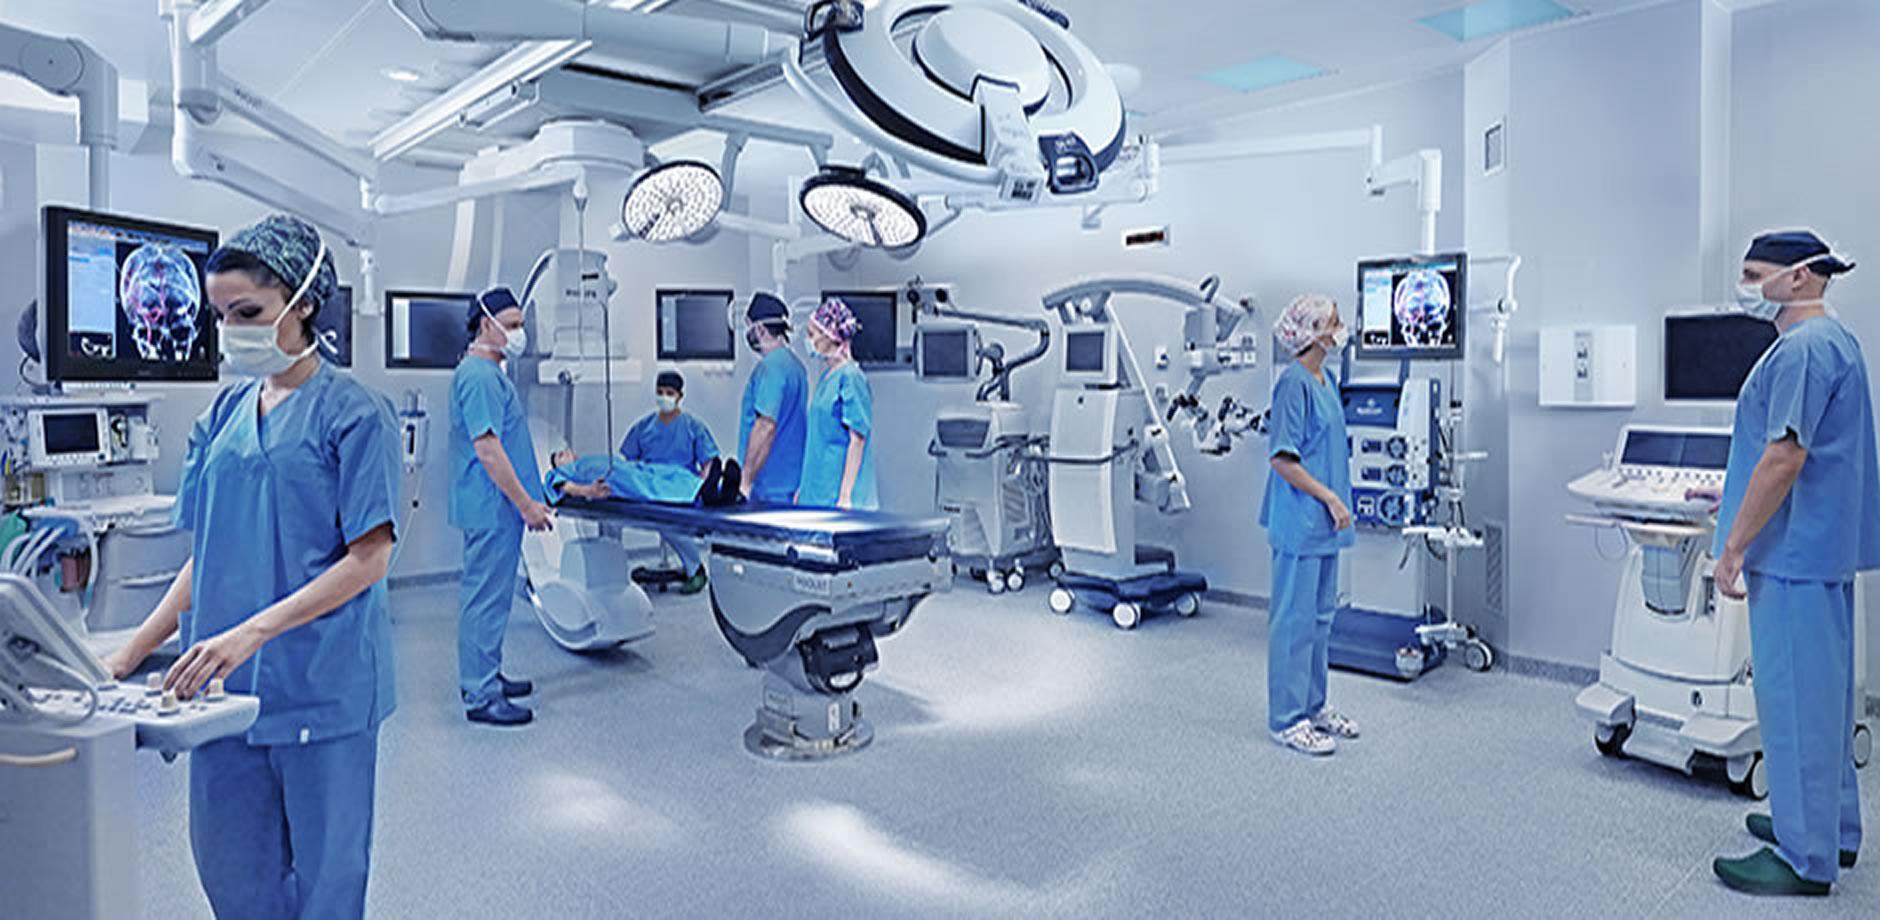 HYGEIA Surgery